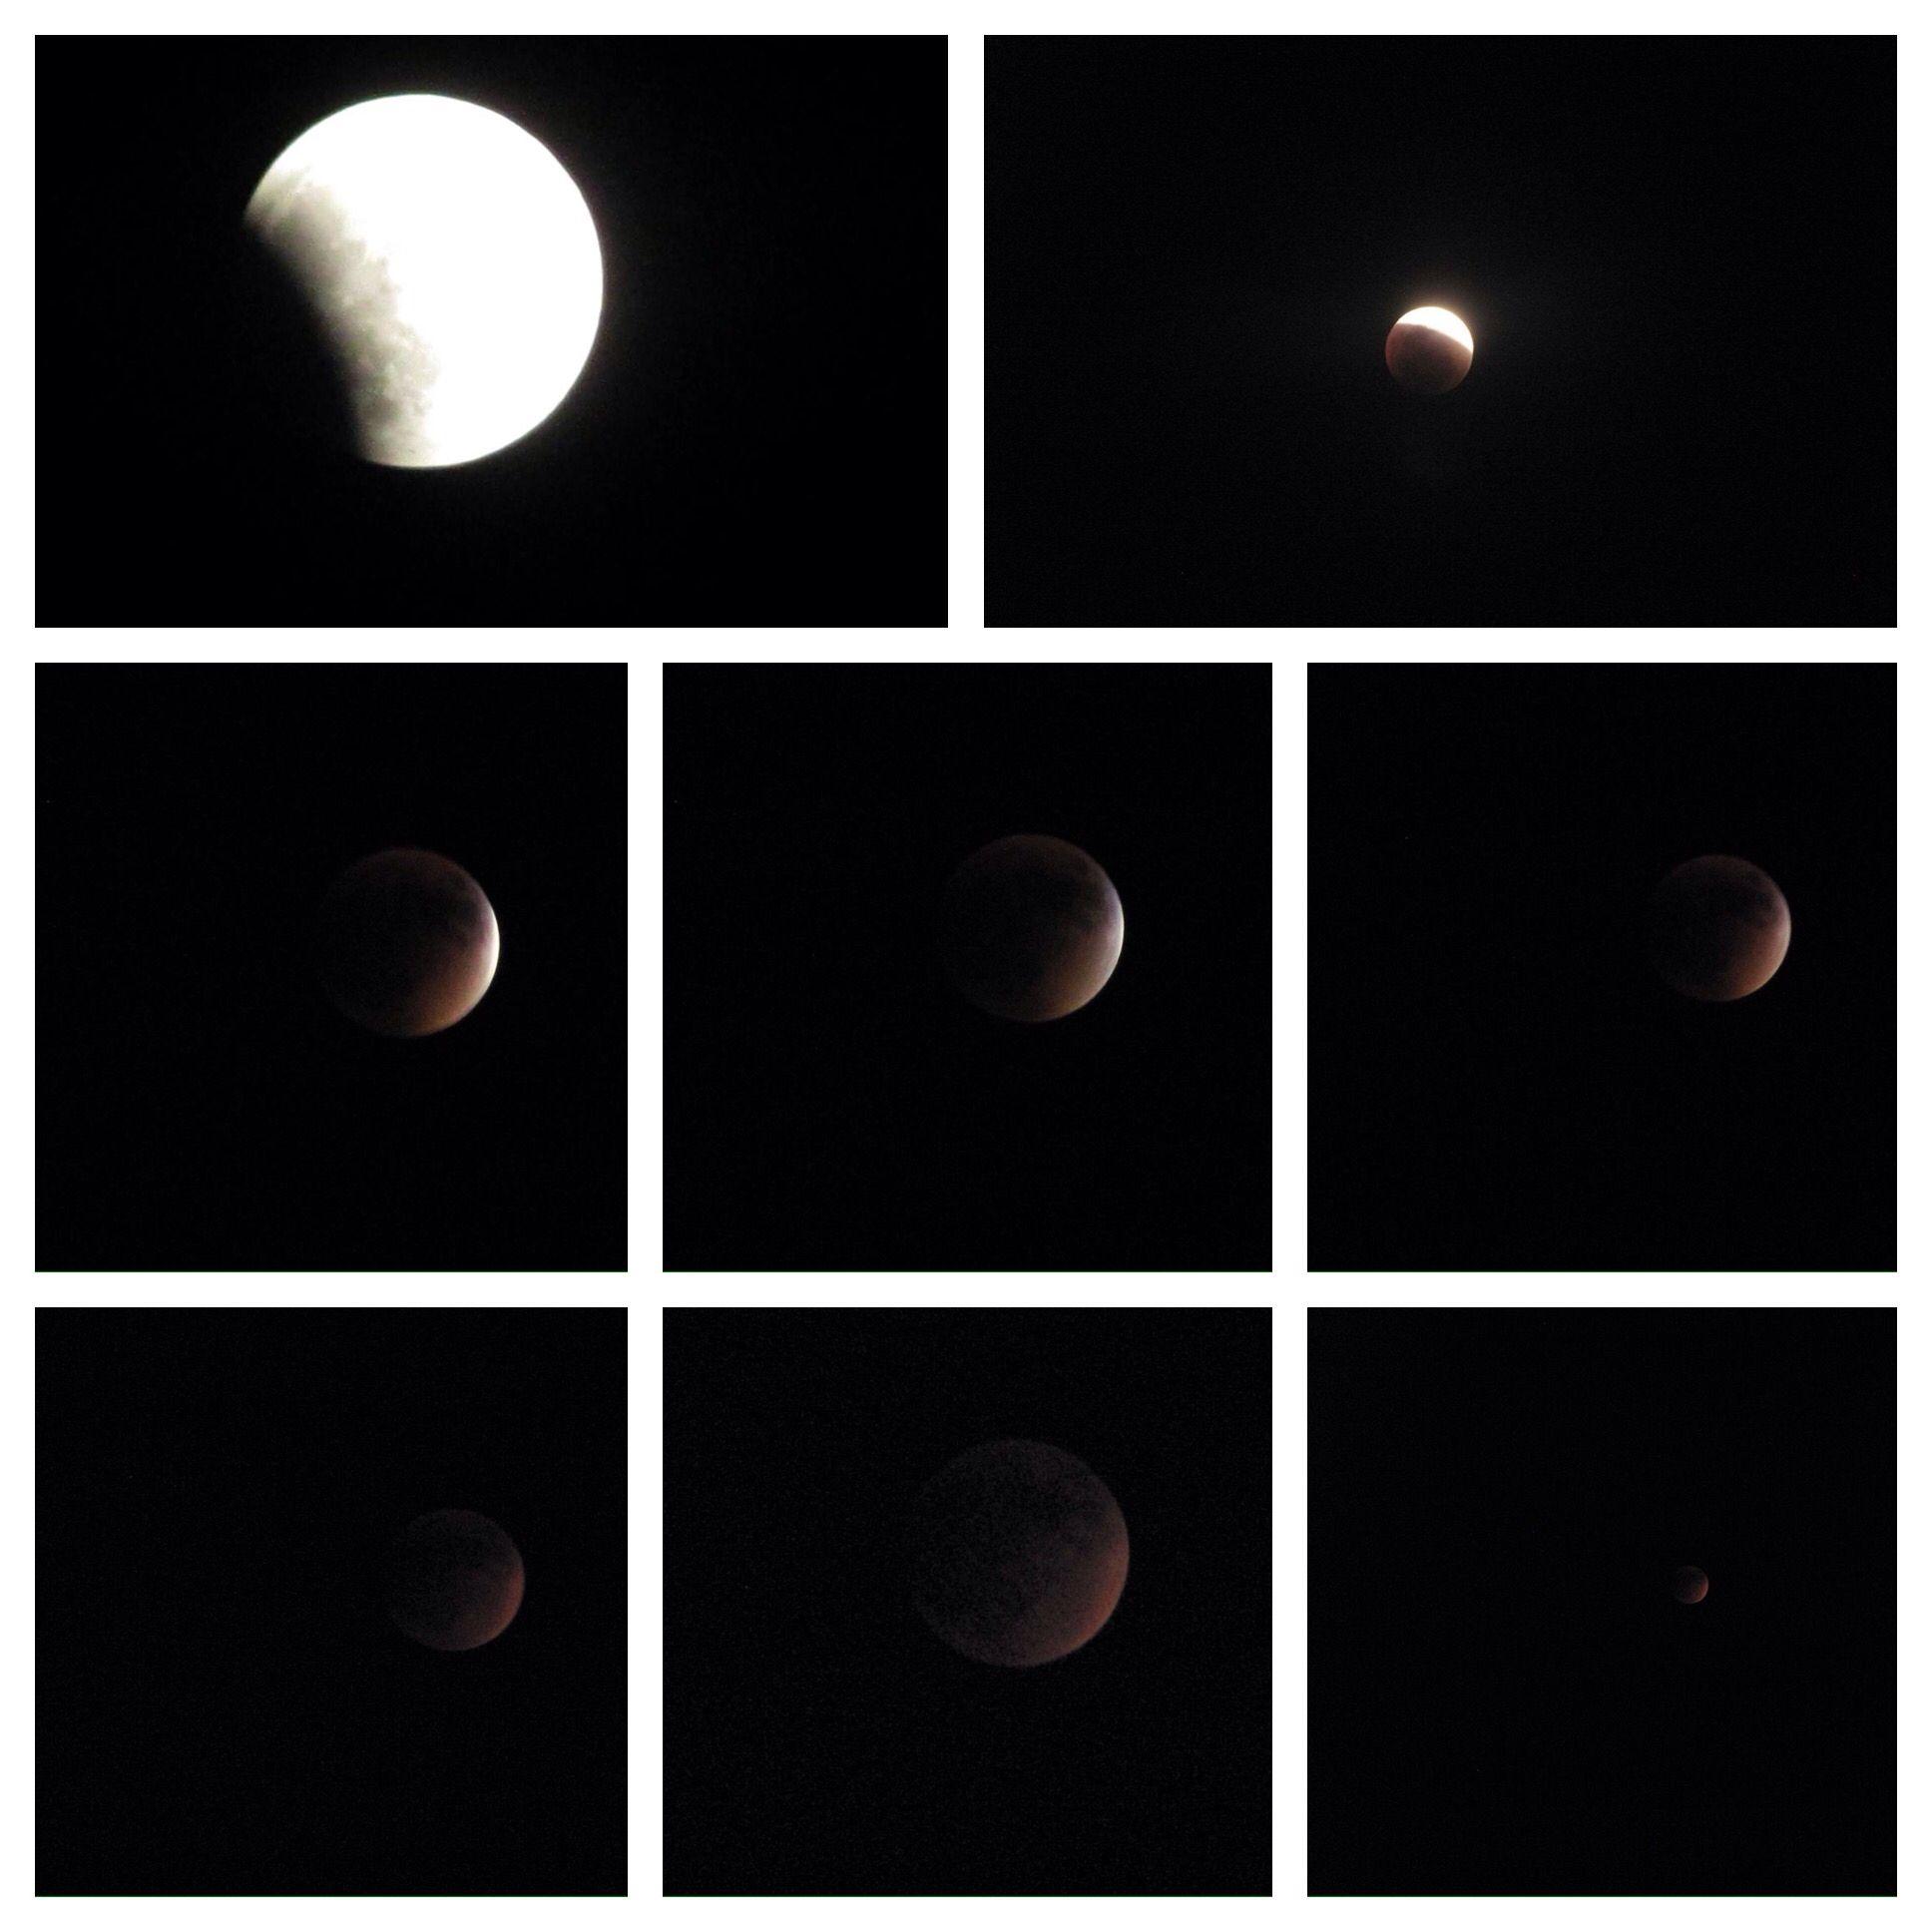 El eclipse lunar del 27 de septiembre en #puertorico